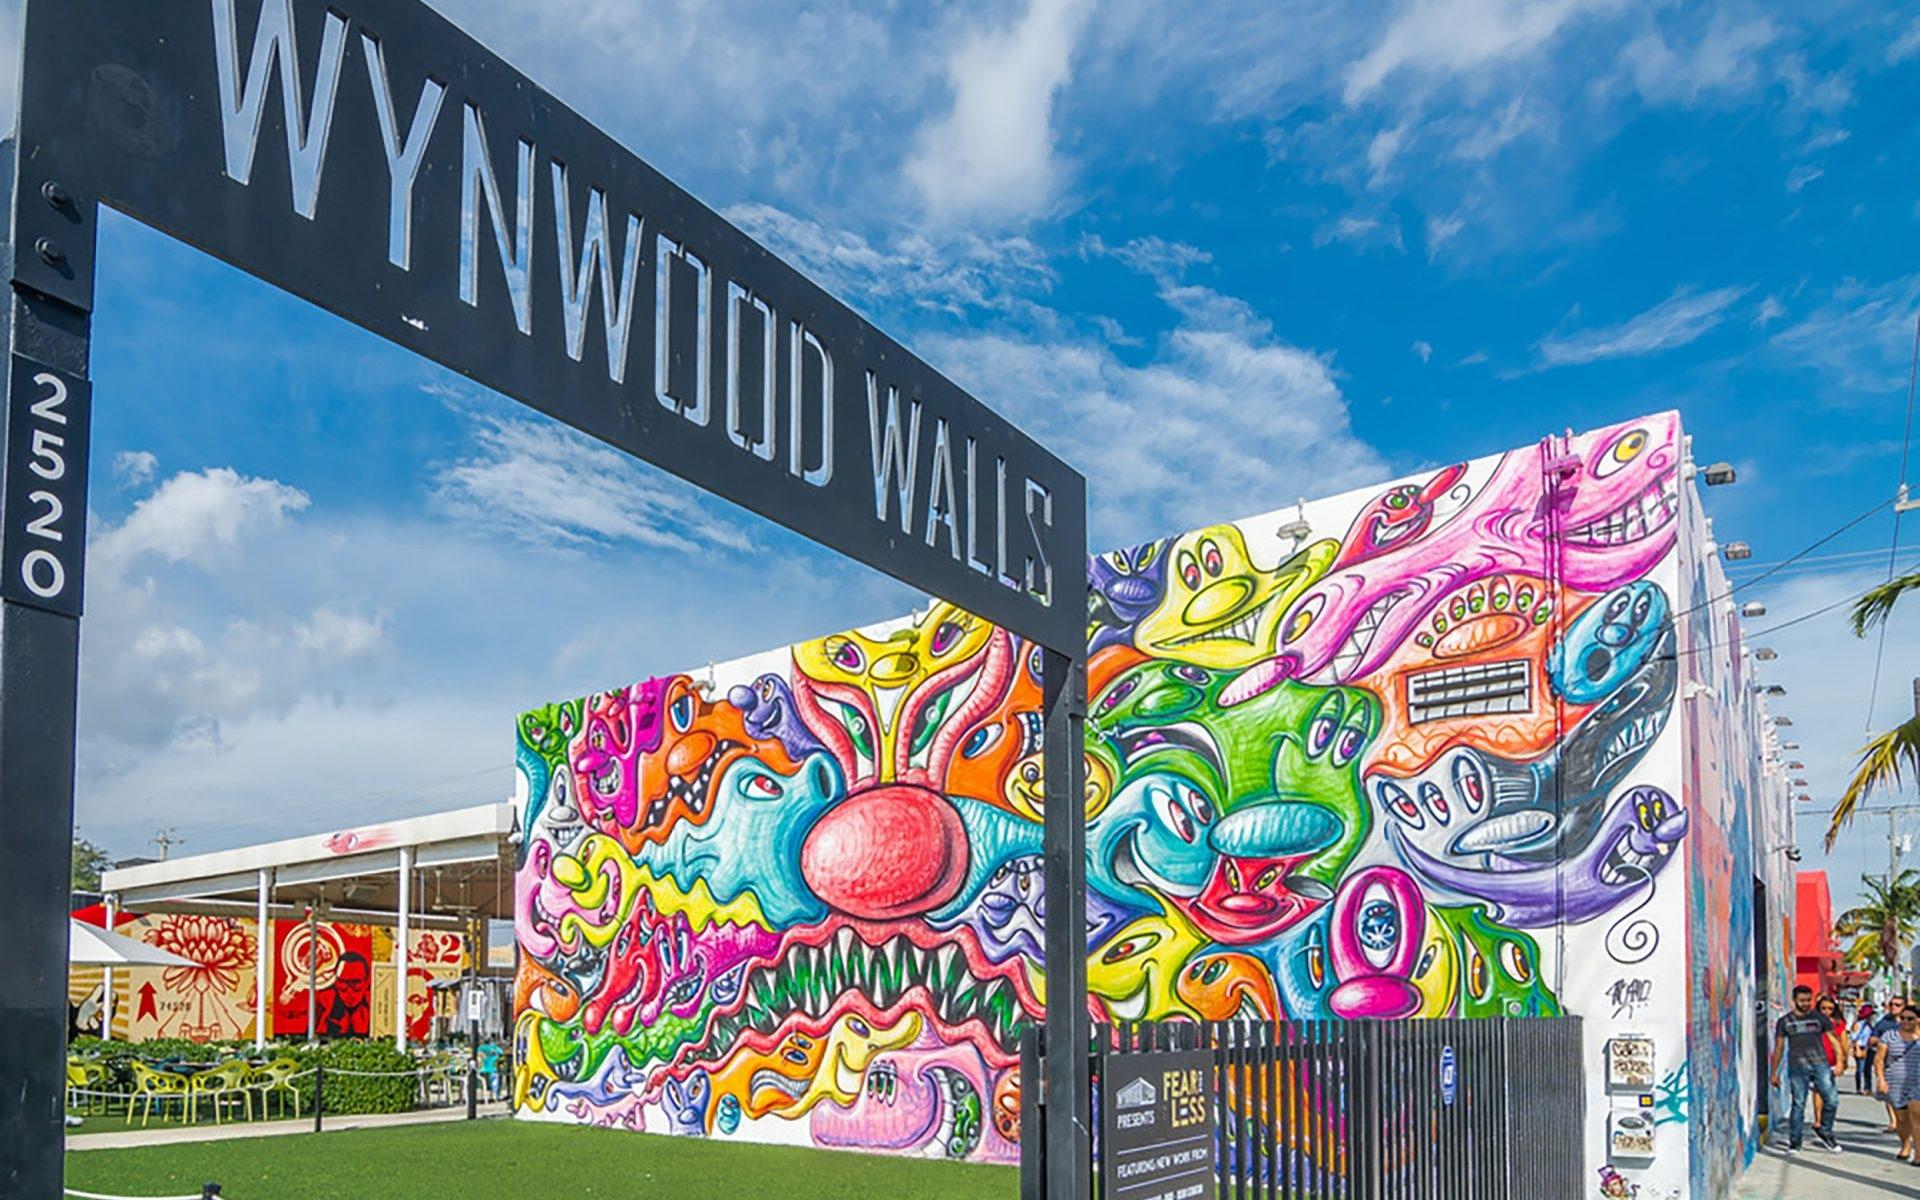 L'épicentre de Wynwood